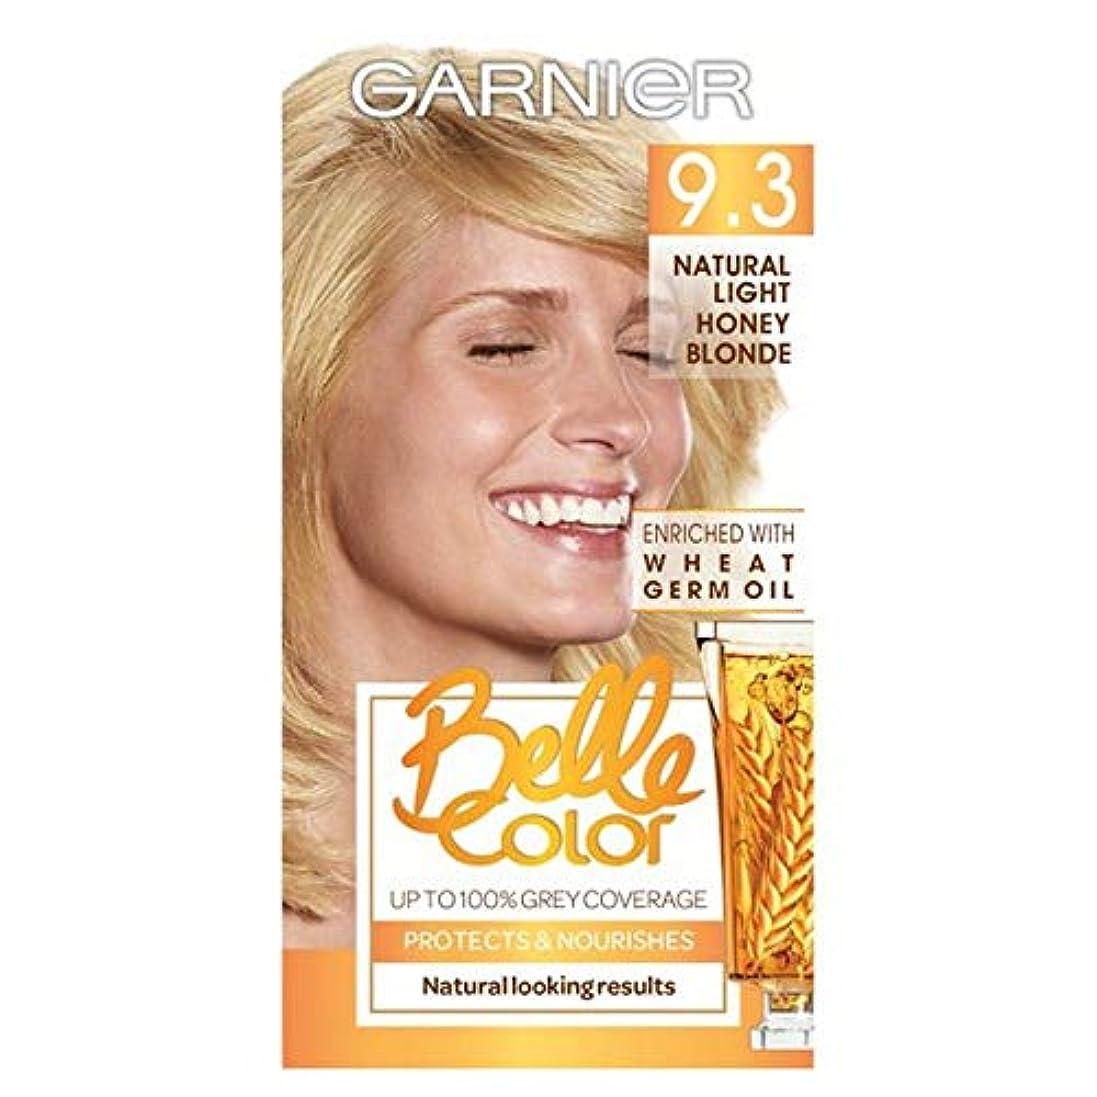 煙効能ブラウス[Belle Color] ガーン/ベル/Clr 9.3自然光の蜂蜜ブロンドパーマネントヘアダイ - Garn/Bel/Clr 9.3 Natural Light Honey Blonde Permanent Hair...